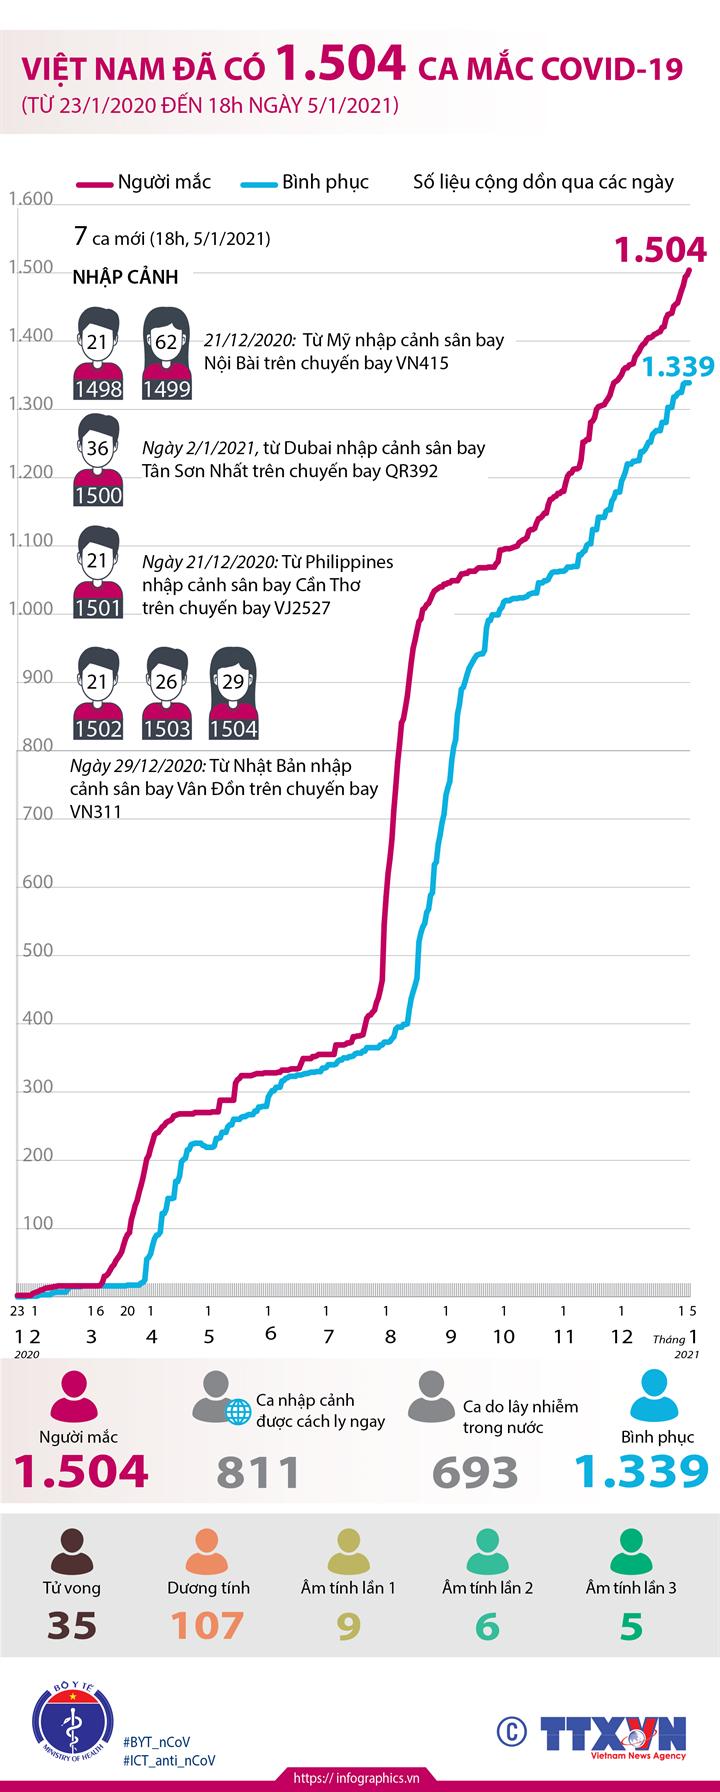 Việt Nam đã có 1.504 ca mắc COVID-19 (từ 23/1/2020 đến 18h ngày 5/1/2021)